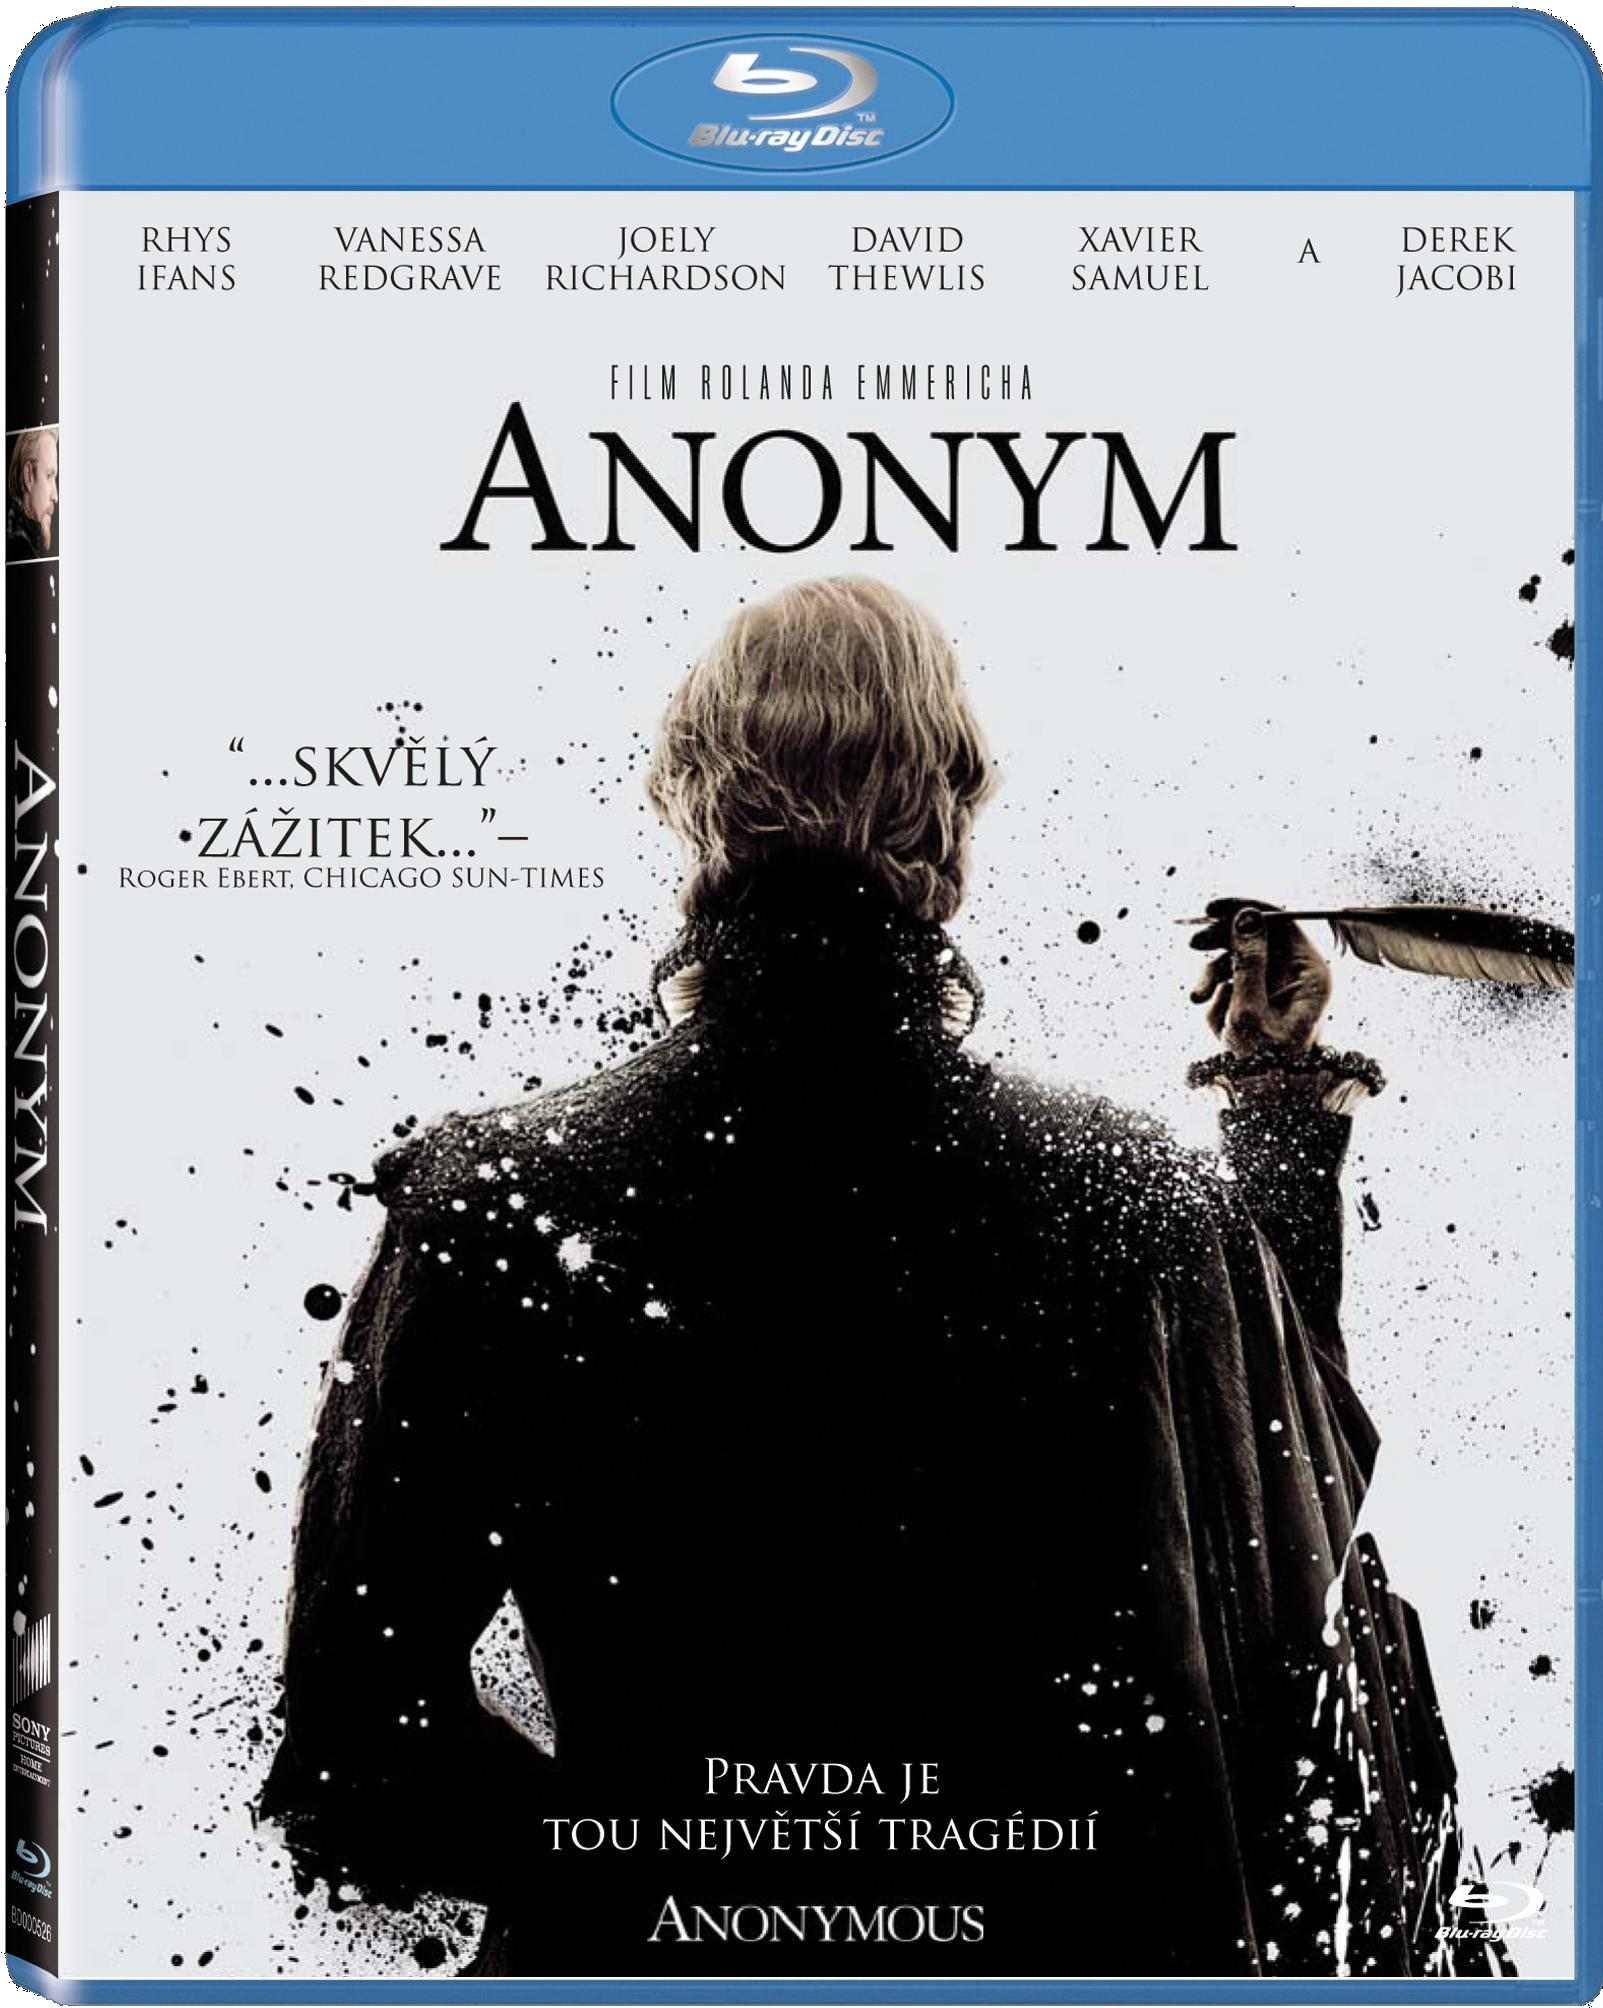 ANONYM - Blu-ray